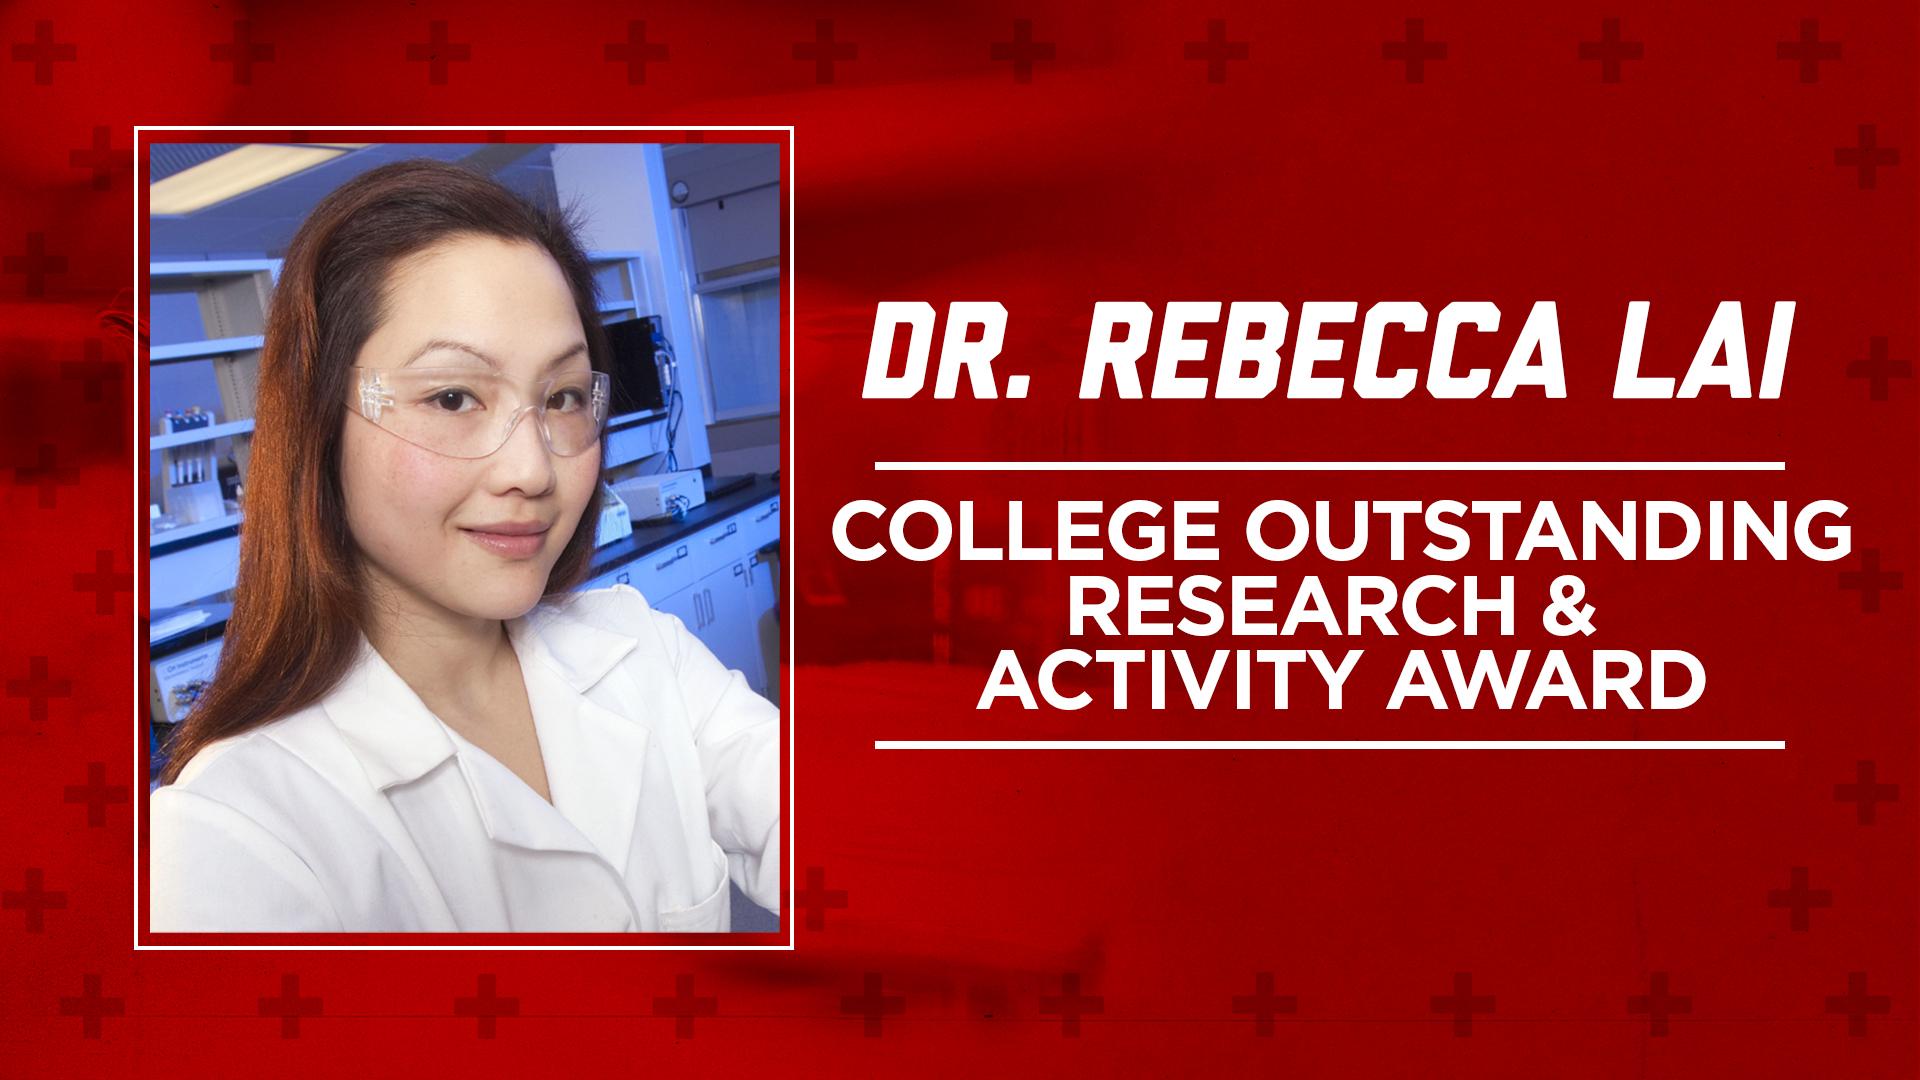 Professor Rebecca Lai